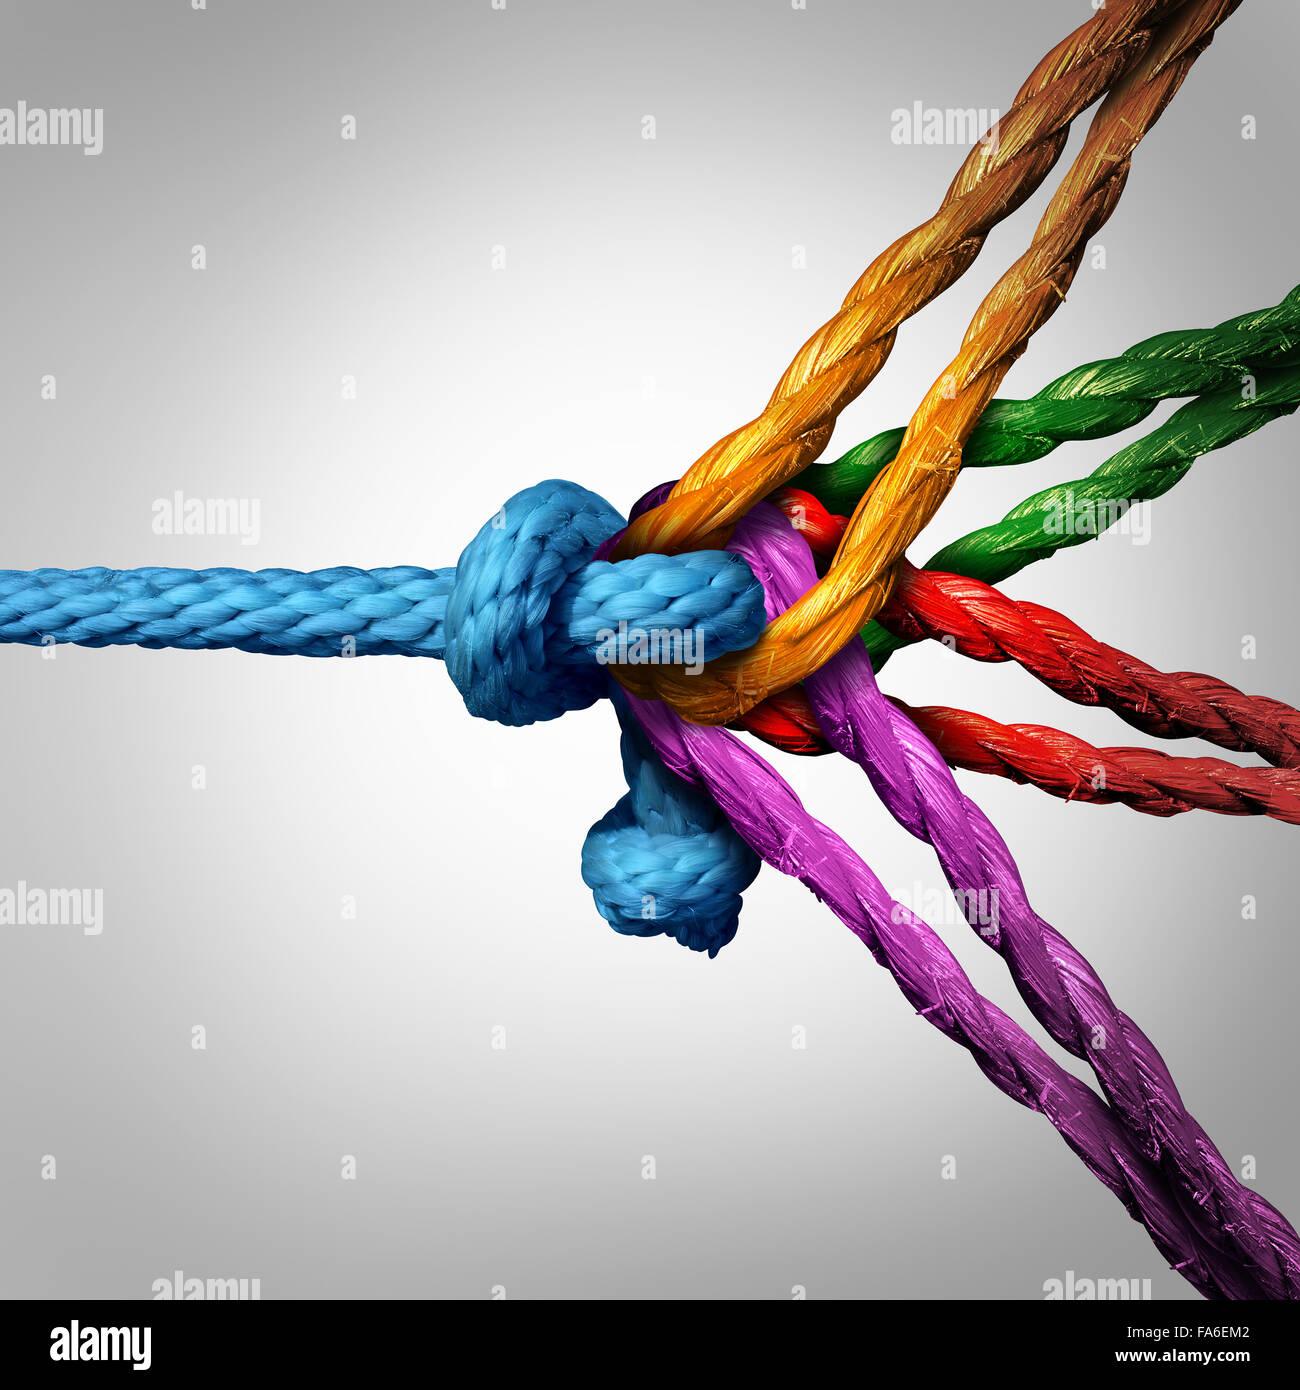 Concept de groupe connecté autant de différentes cordes attachées et liées ensemble comme une chaîne incassable Banque D'Images